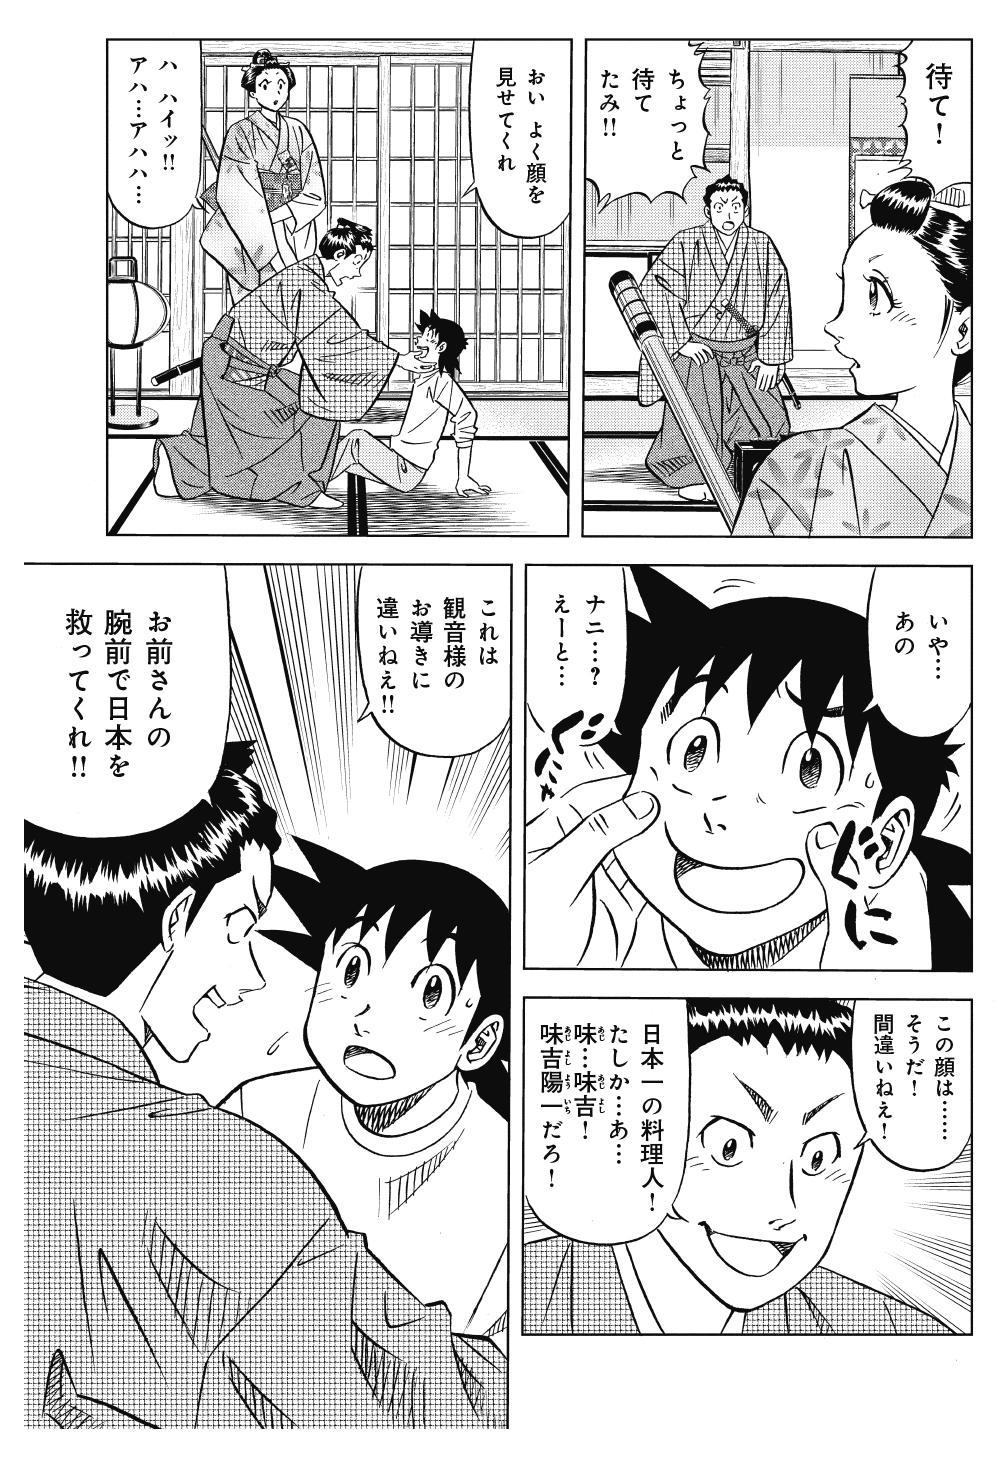 ミスター味っ子 幕末編 第1話「黒船来航」①ajikko06.jpg